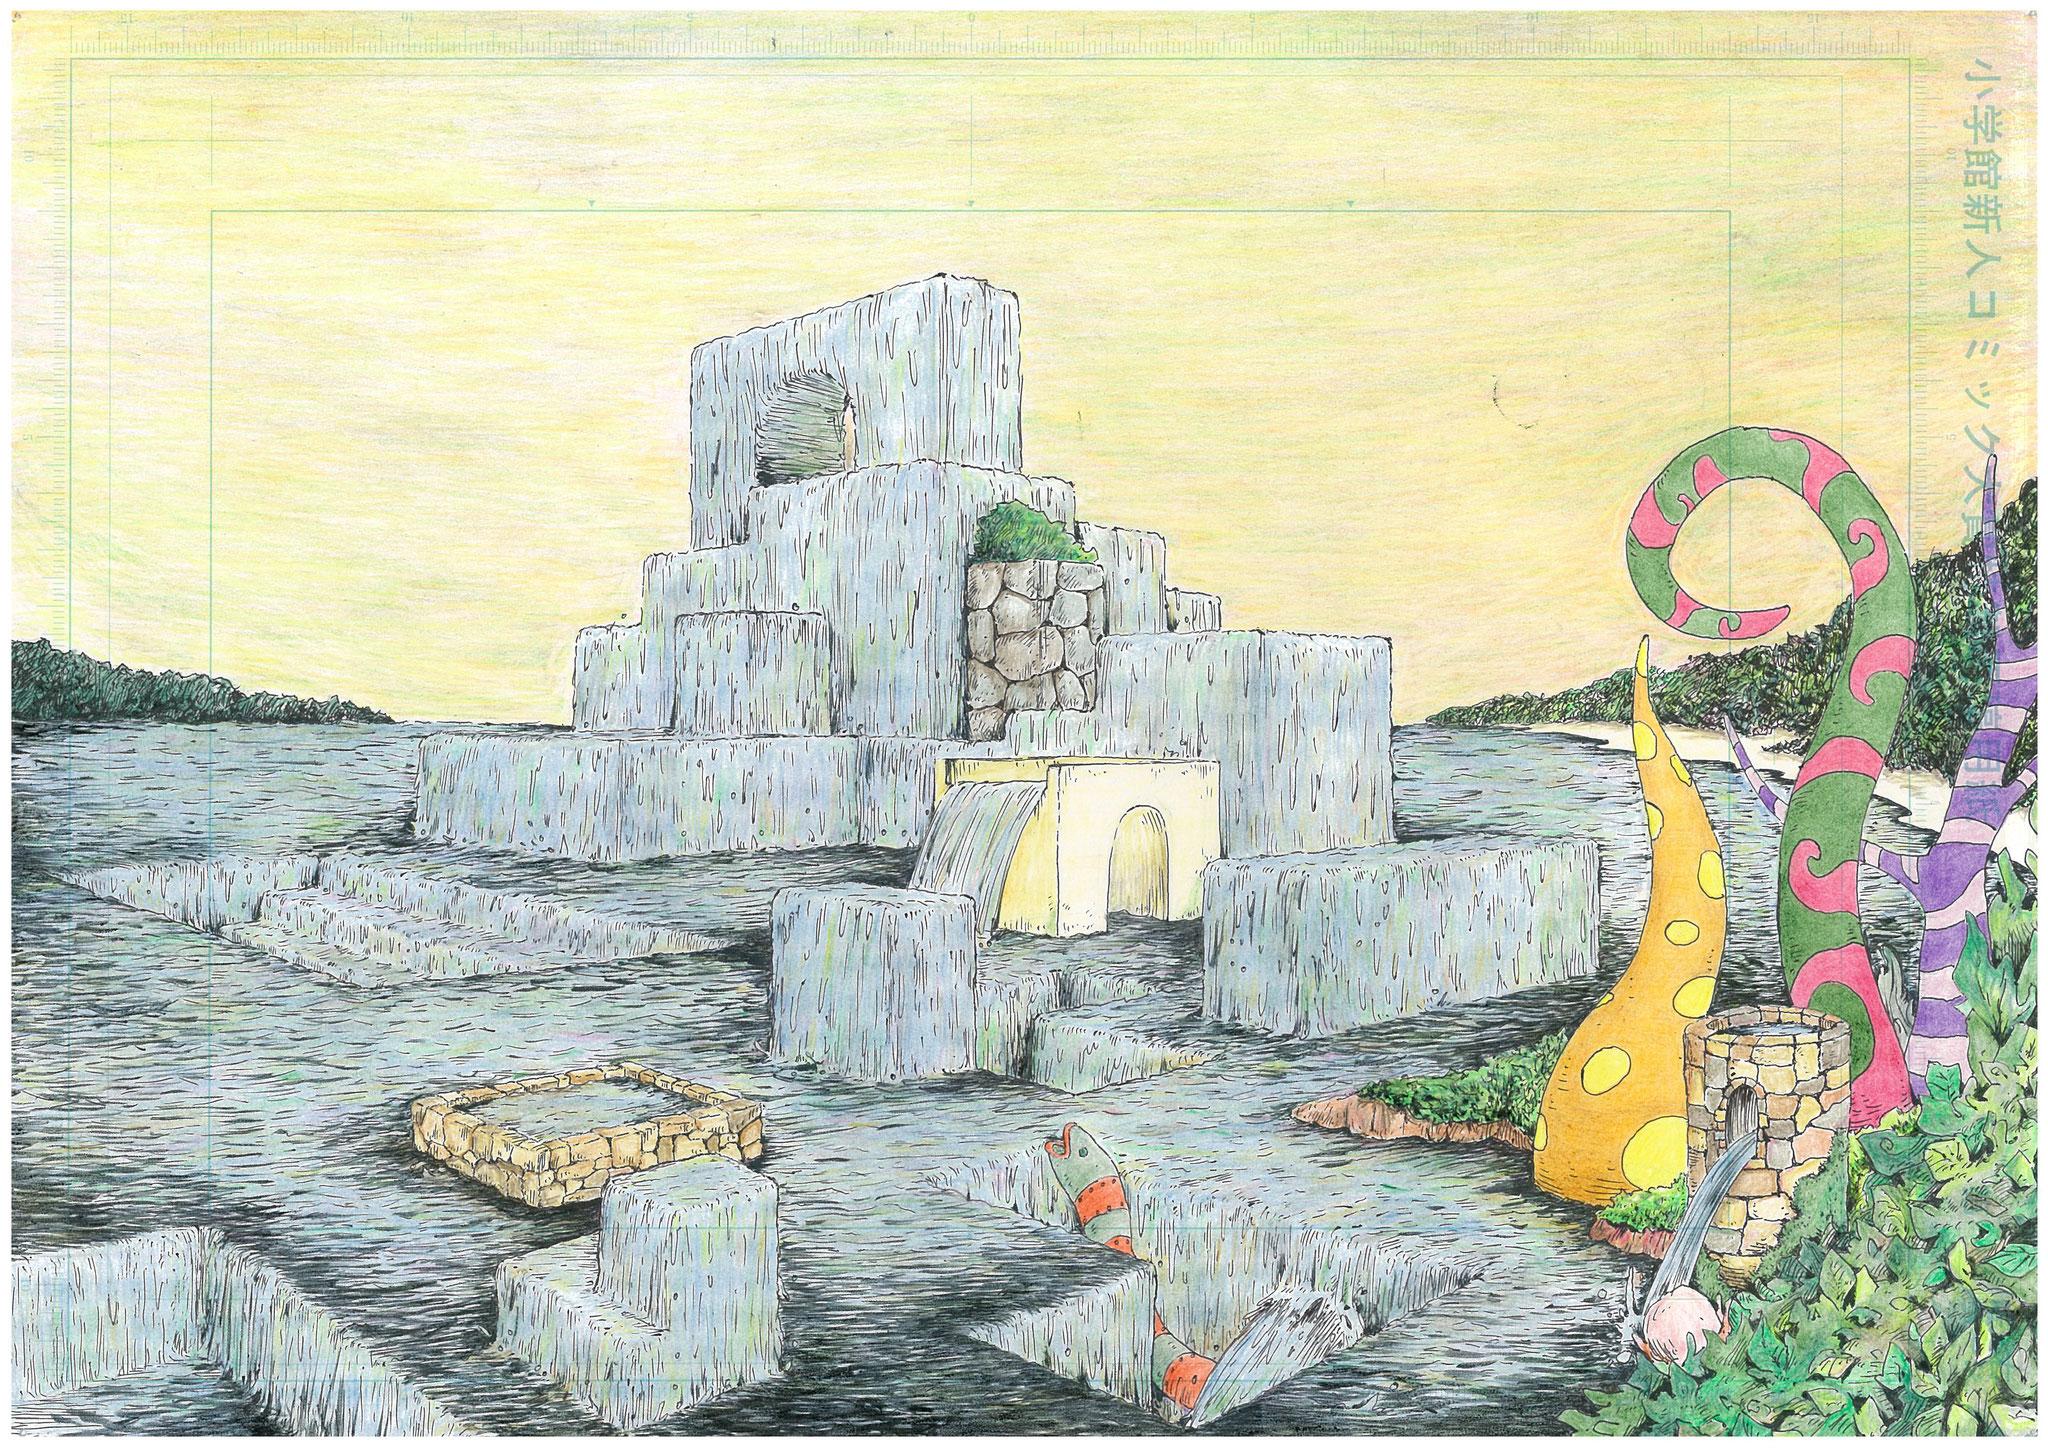 記憶力を簡単に上げる事ができる記憶術の根幹である 『 街(場所) 』 『 想像力(イメージ力) 』 を具現化する 『 アトリエきよし(吉村清:福岡の思想家・漫画家・イラストレーター) 』 氏 作品。